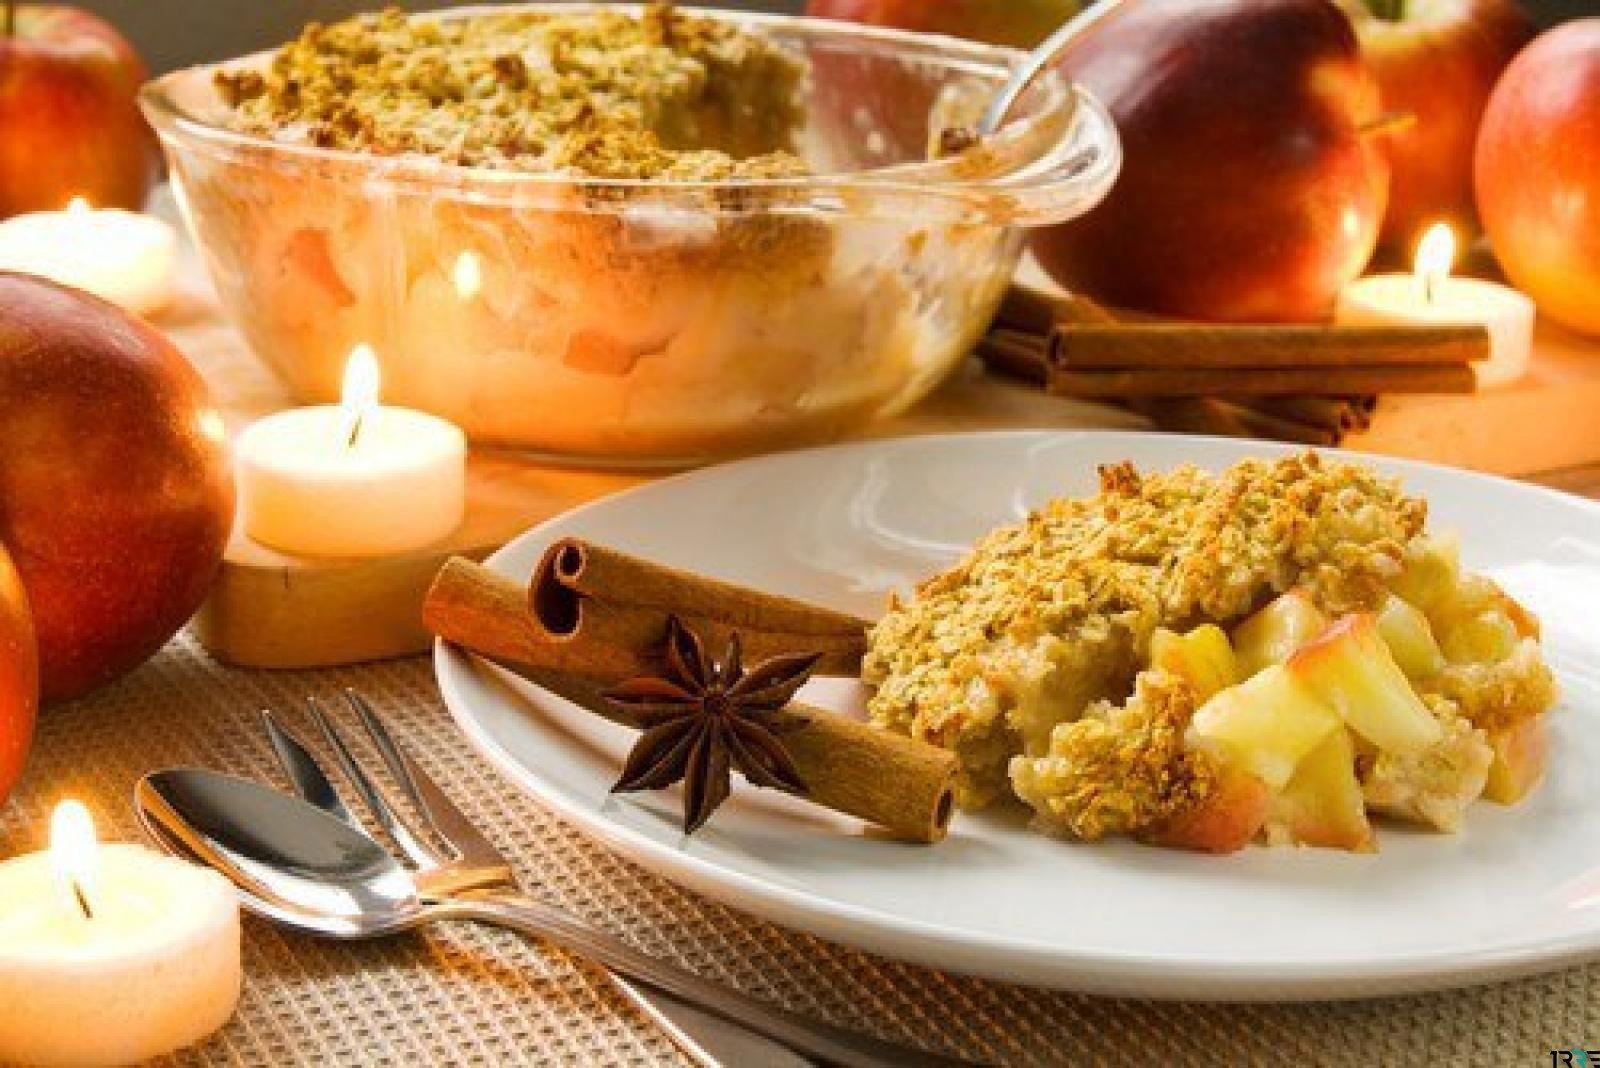 Рождественский пост 2018-2019 календарь питания по дням для мирян, постное меню на первую неделю